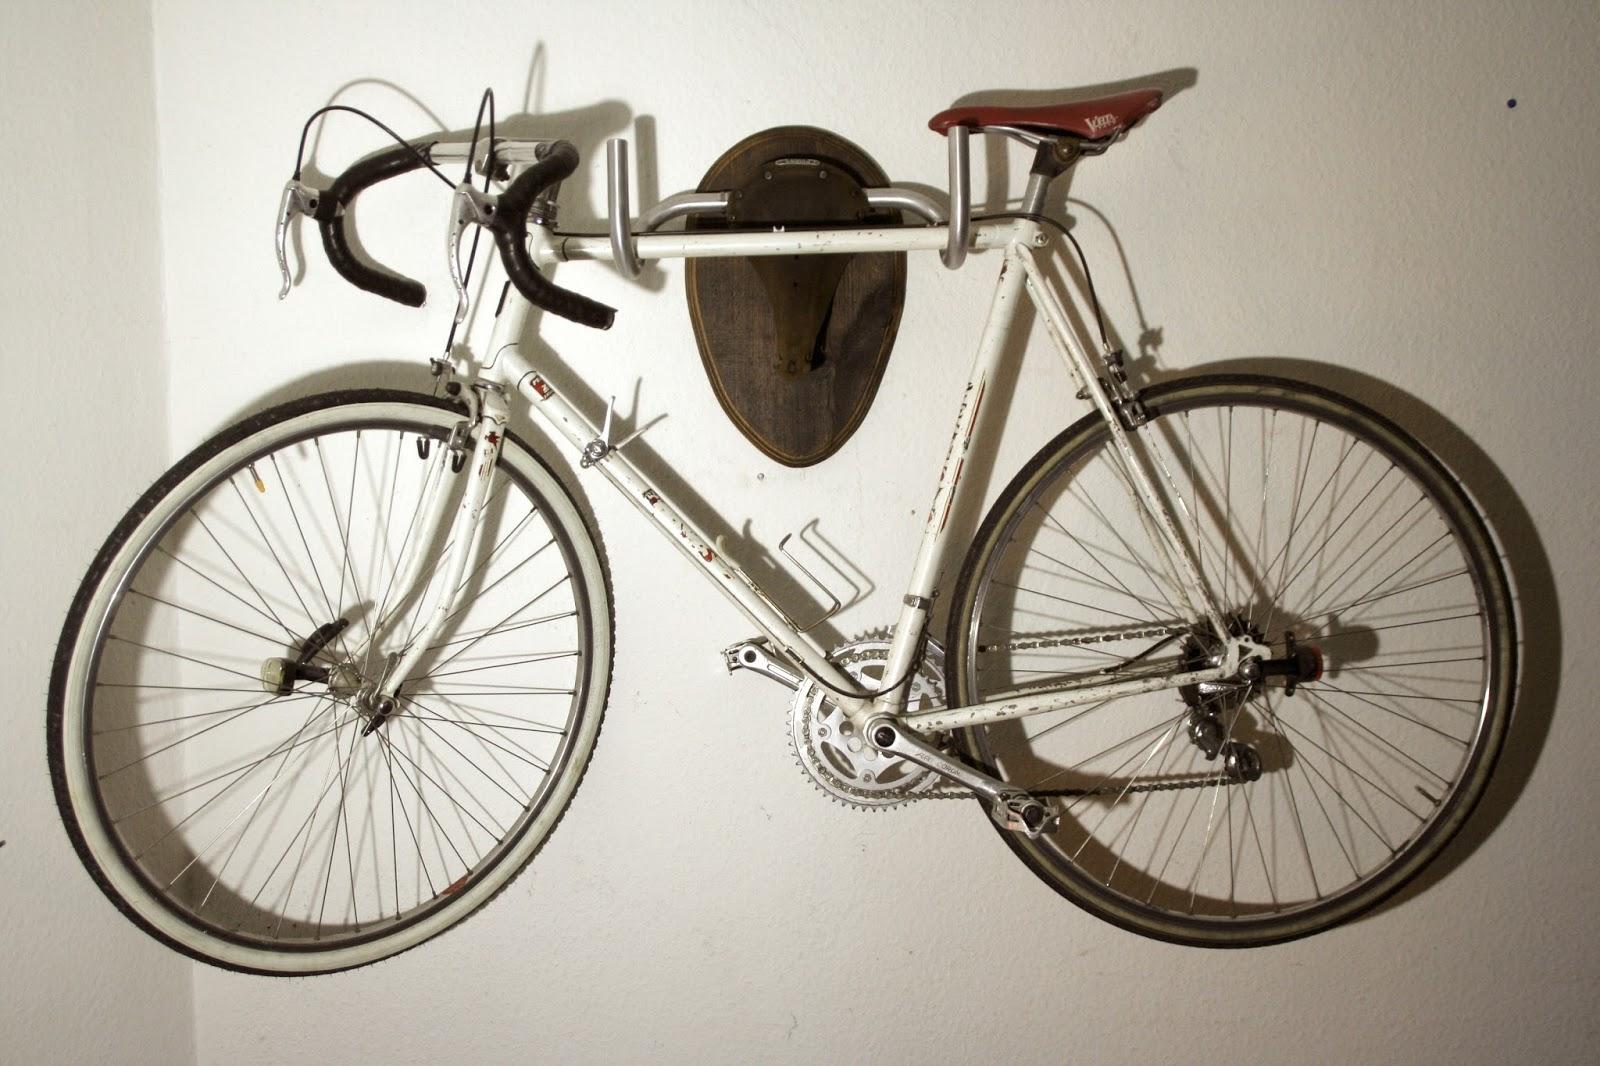 Inspirierend Upcycling Fahrrad Referenz Von N°38